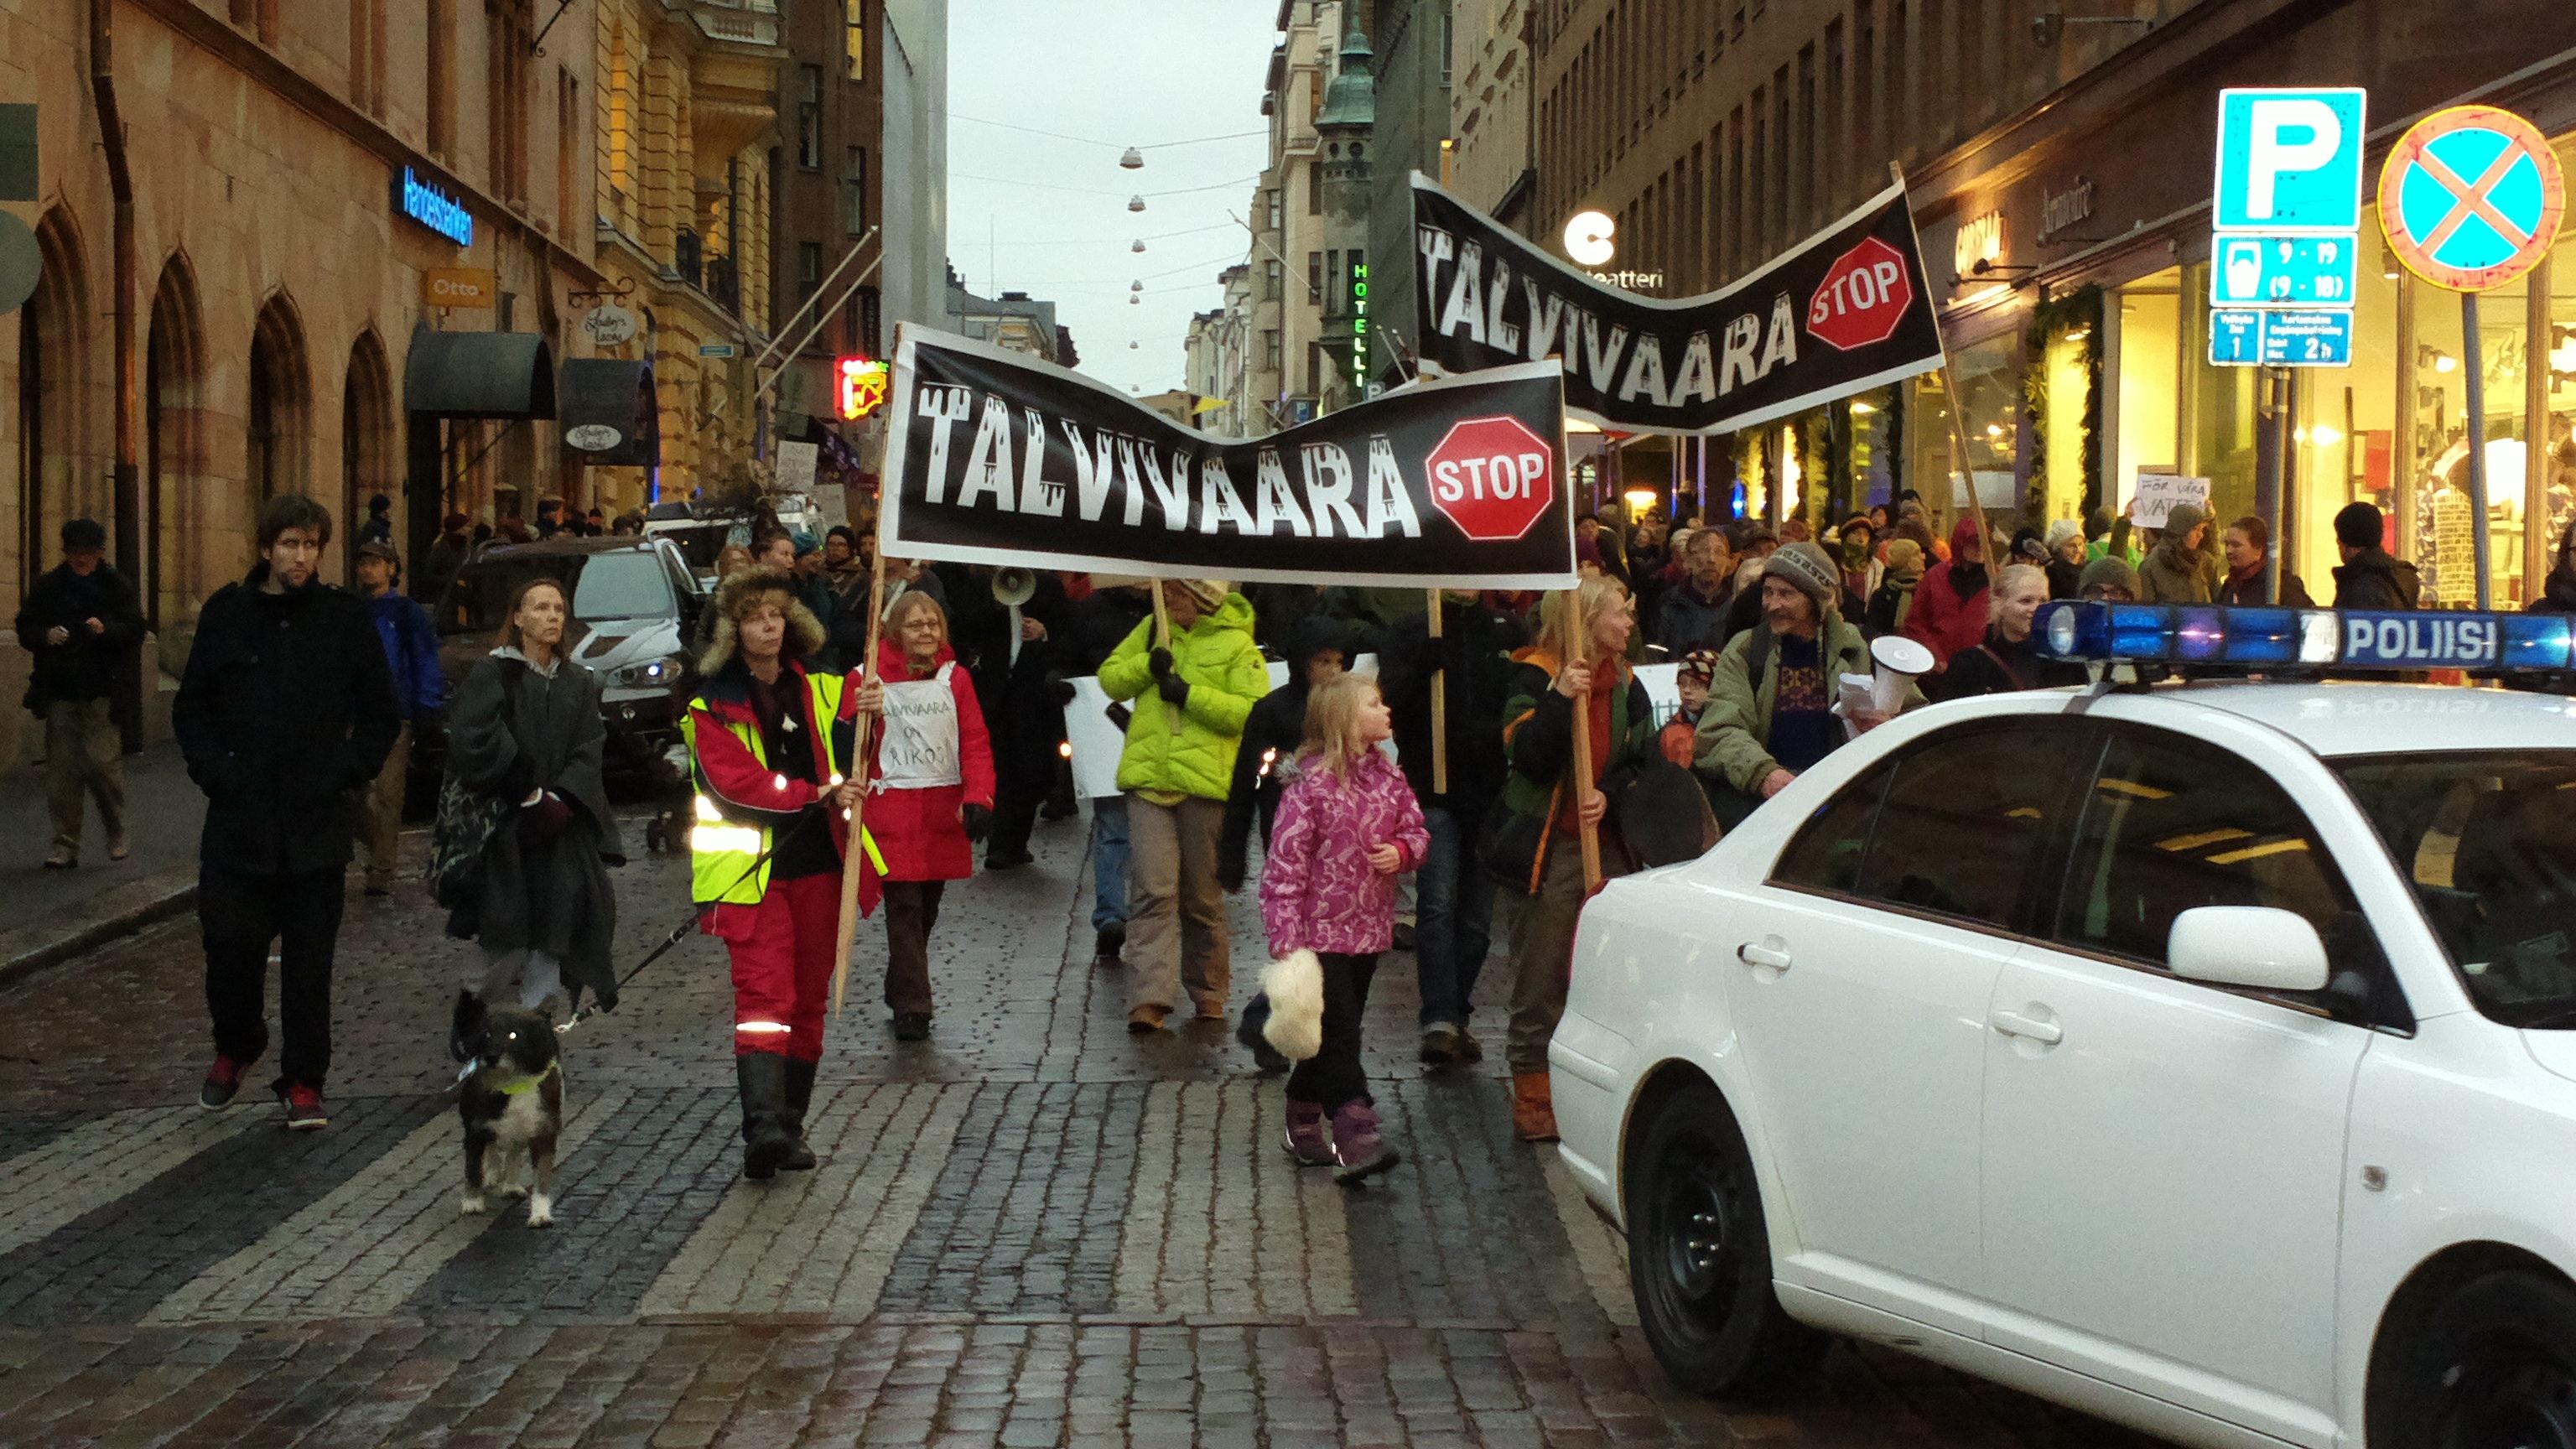 Talvivaara mining company news